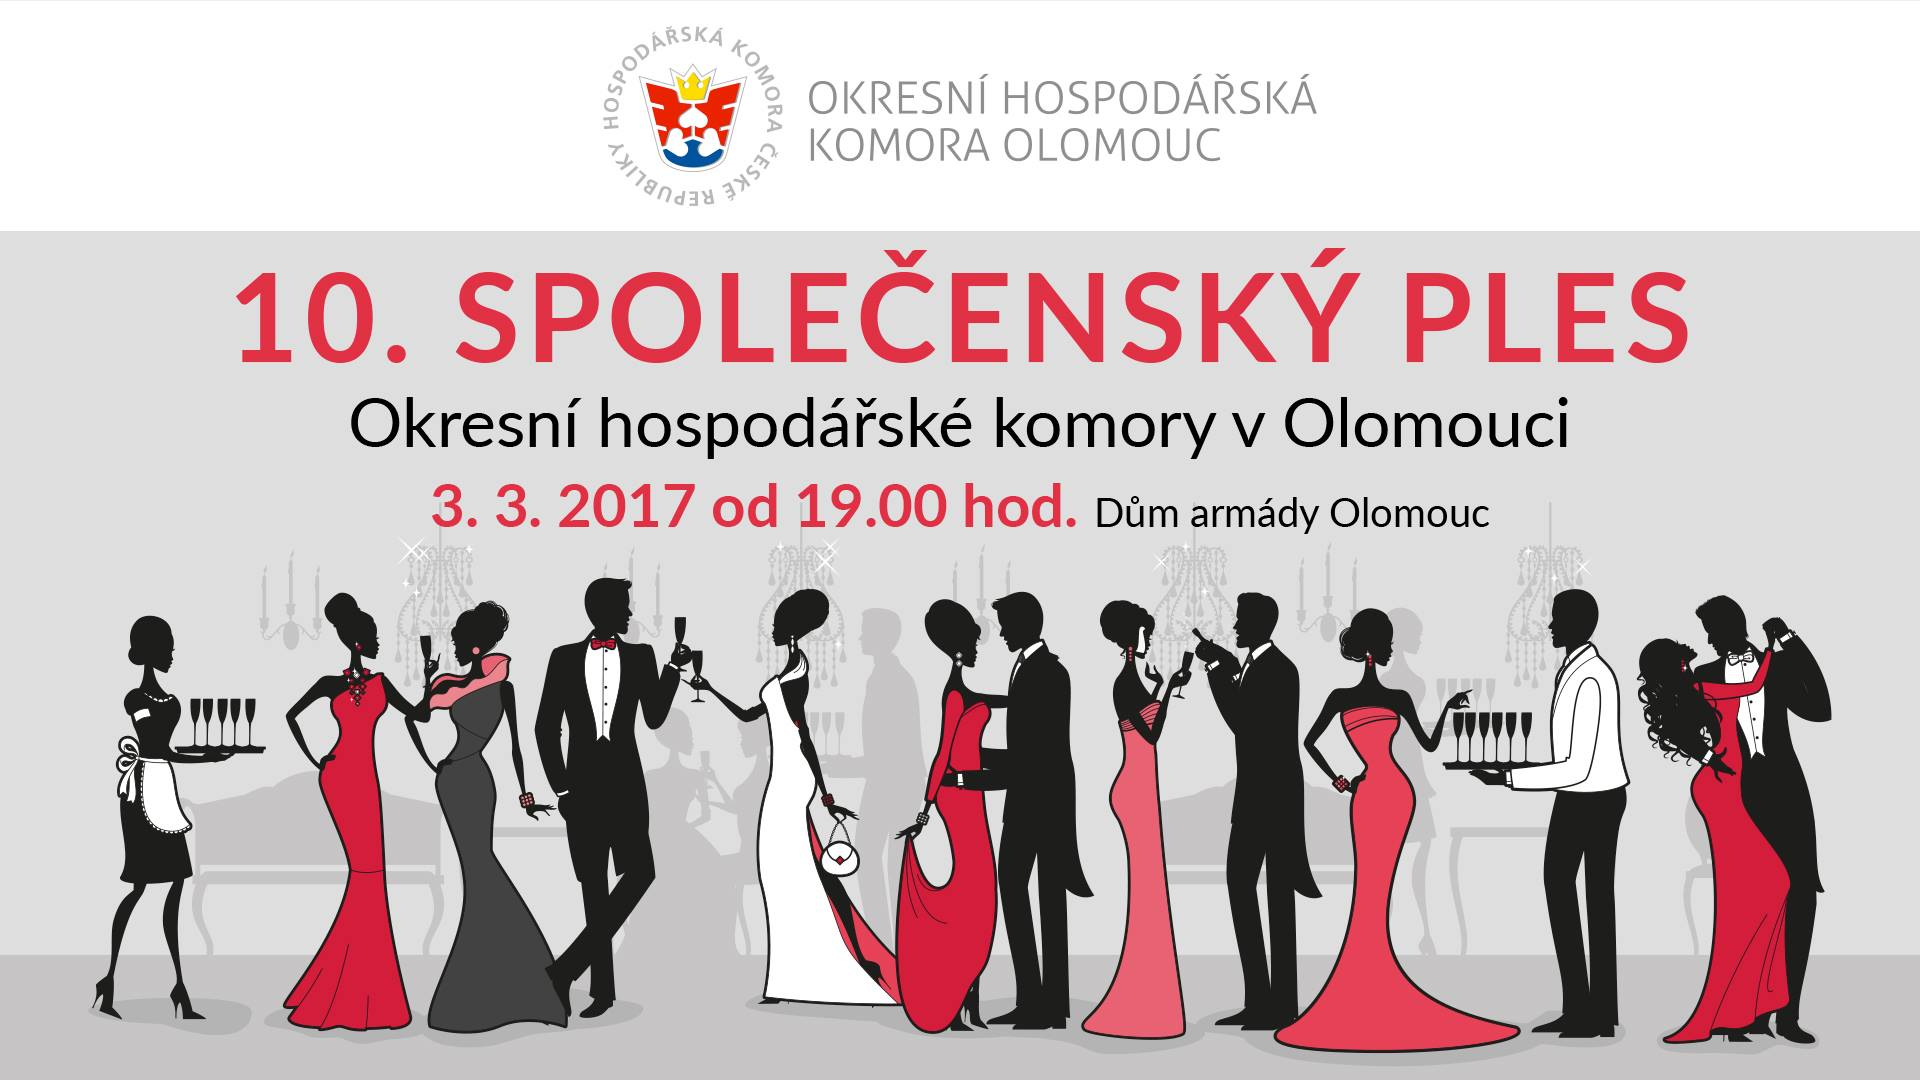 Společenský ples Okresní hospodářské komory Olomouc